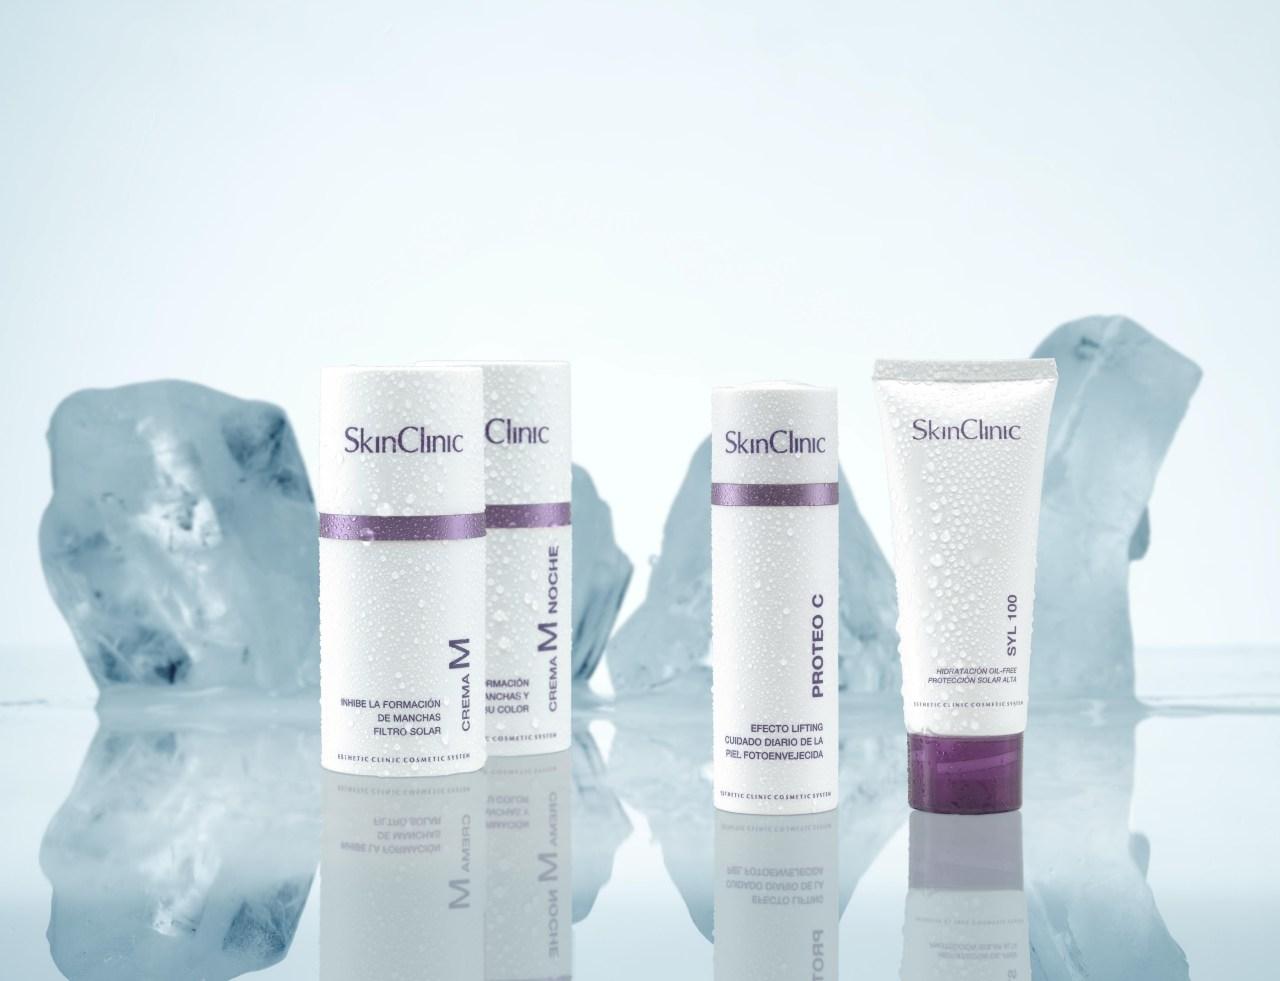 Punto de venta de productos cosméticos SkinClinic